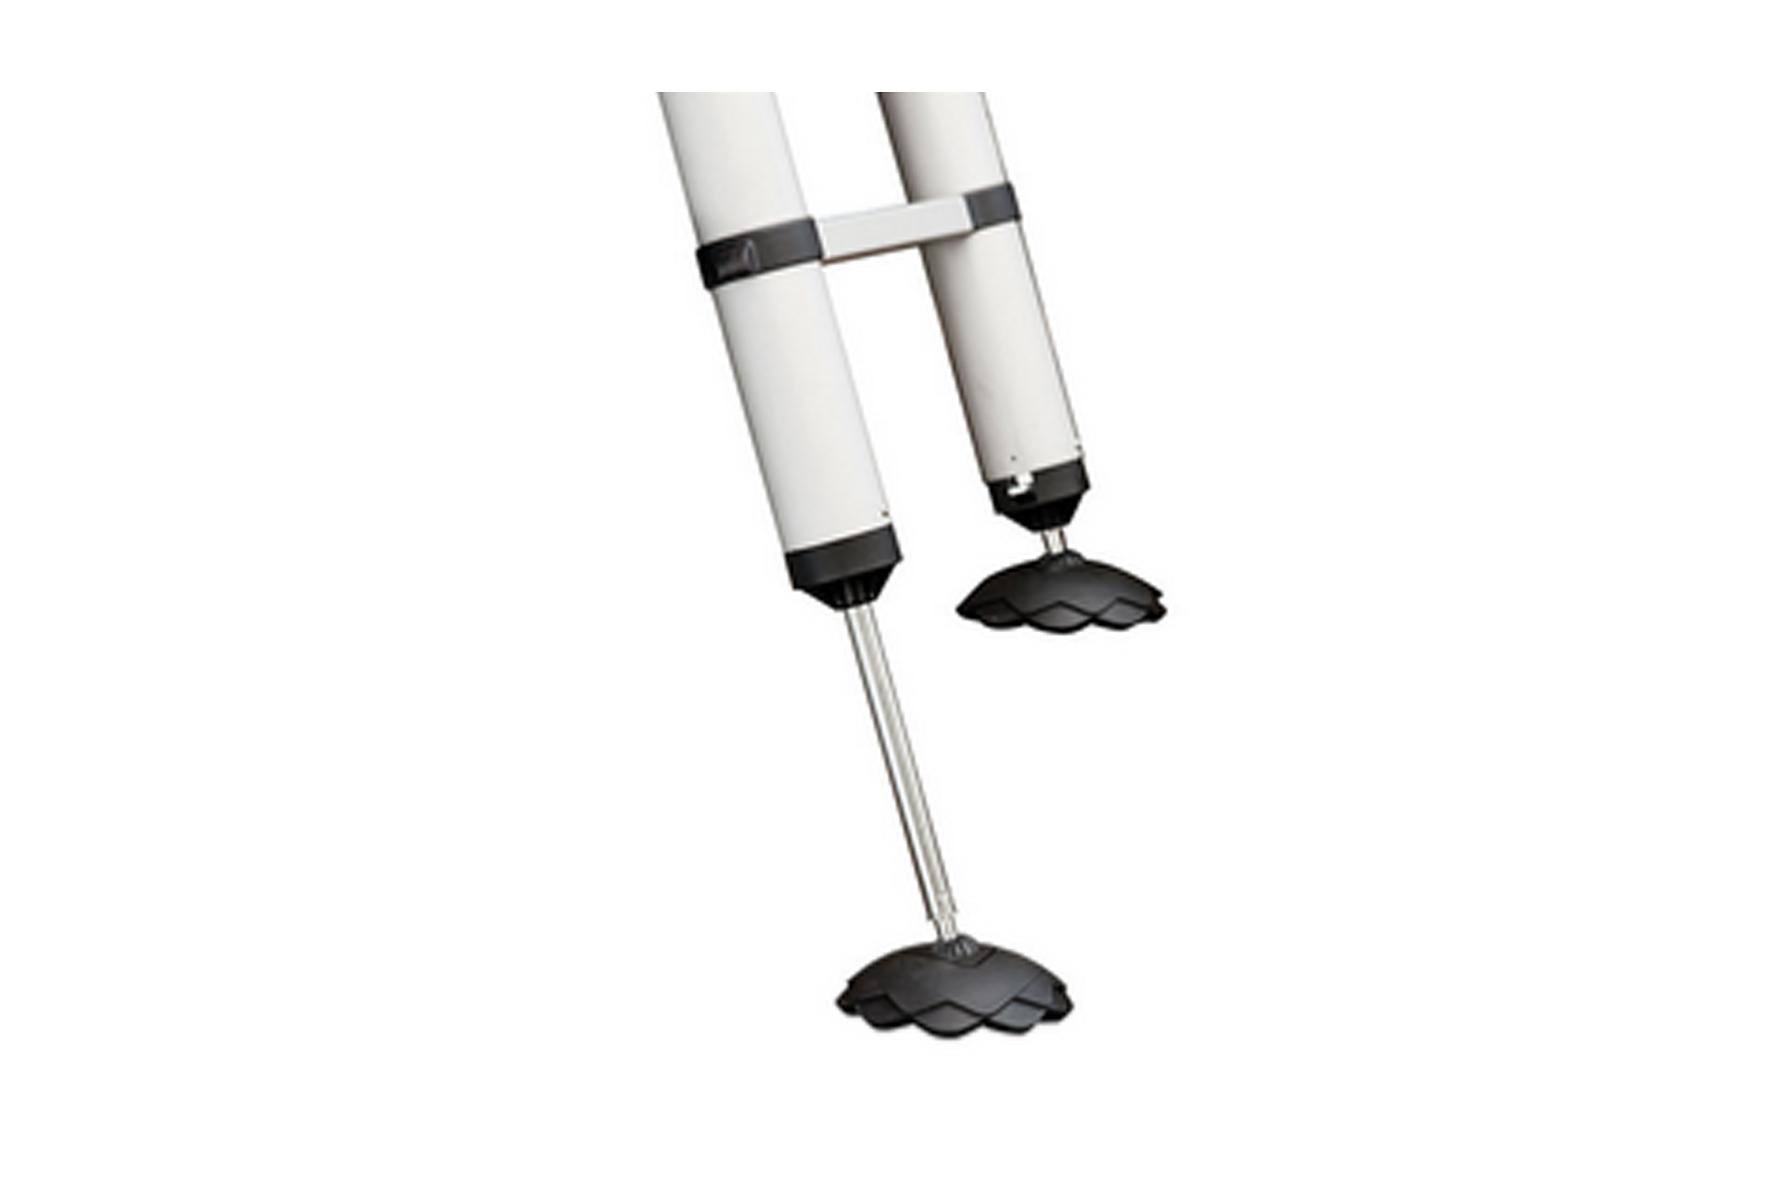 pied de securite pour echelle telestep achat en ligne ou dans notre magasin. Black Bedroom Furniture Sets. Home Design Ideas